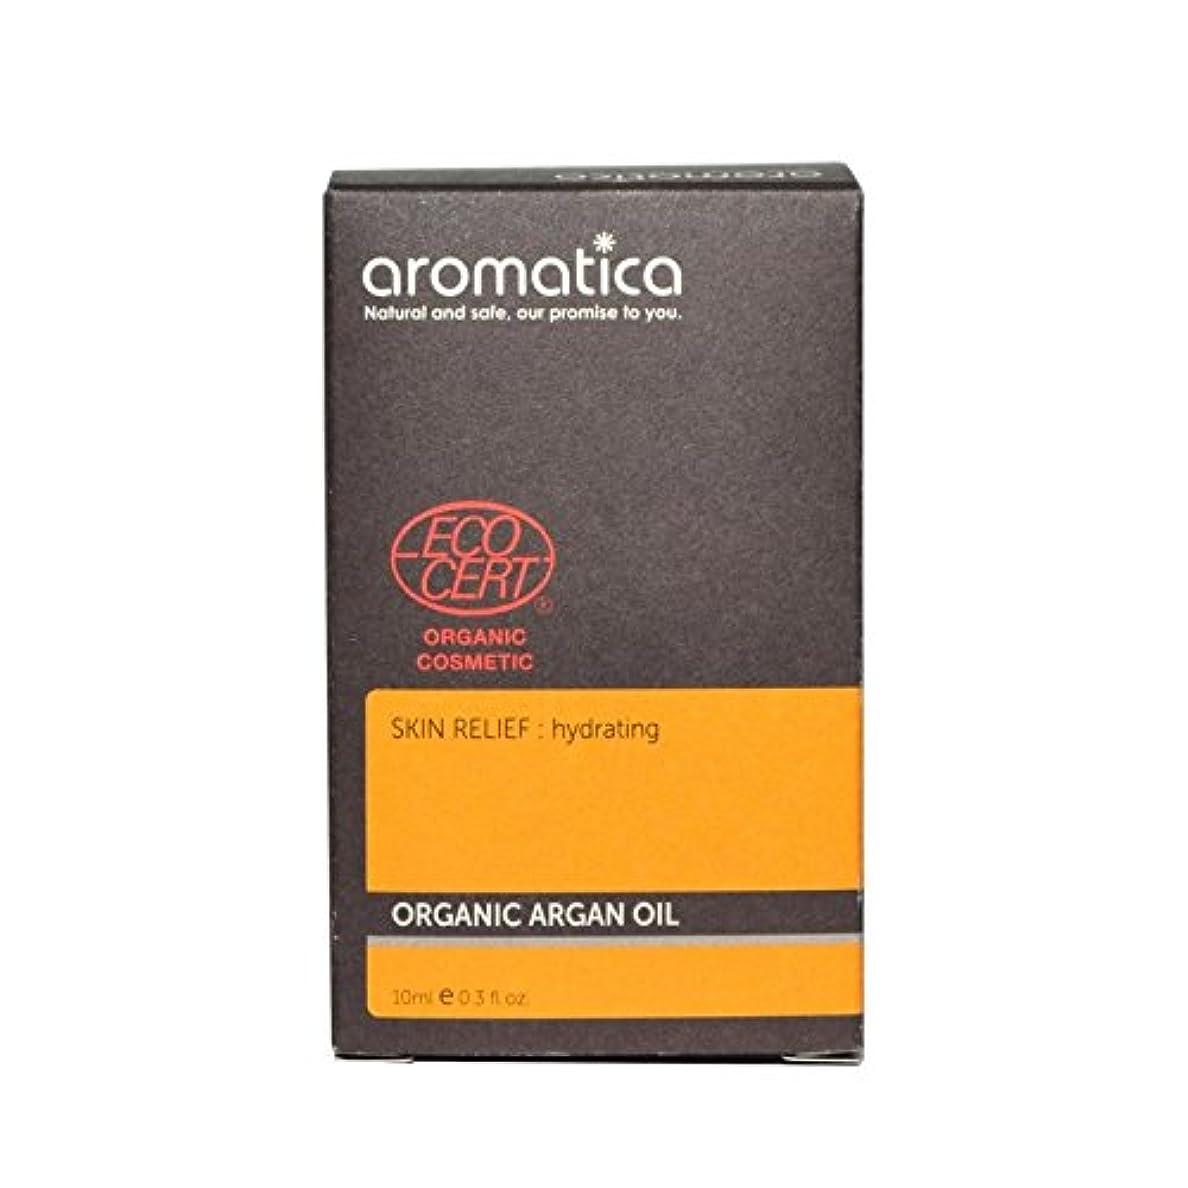 マーカー工業用によるとaromatica Organic Argan Oil 10ml - オーガニックアルガンオイル10ミリリットル [並行輸入品]